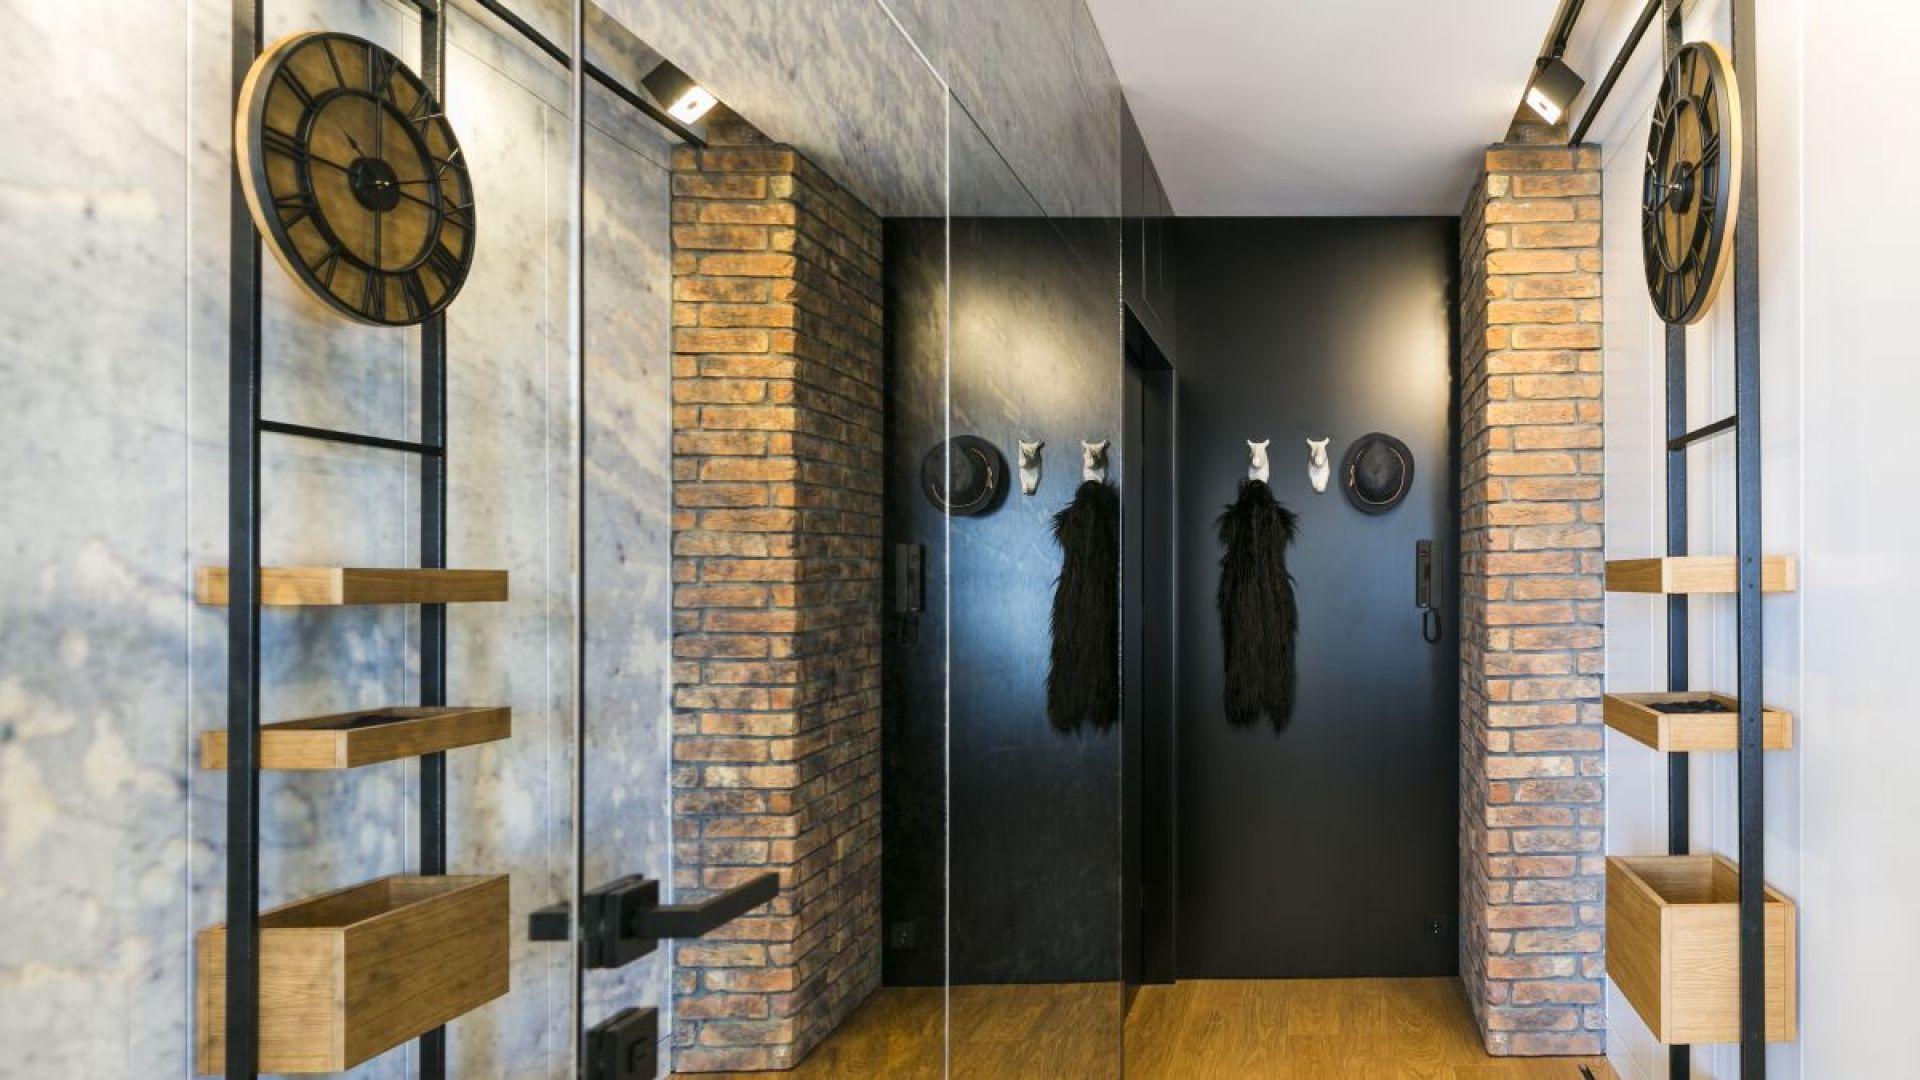 Zaraz po przekroczeniu progu mieszkania widać ręcznie wykonany, przesuwny regał ze stali i dębiny, zamocowany na metalowych szynach, na którym zawisł charakterystyczny dla stylu steampunkowego zegar. Projekt: 3DProjekt architektura.